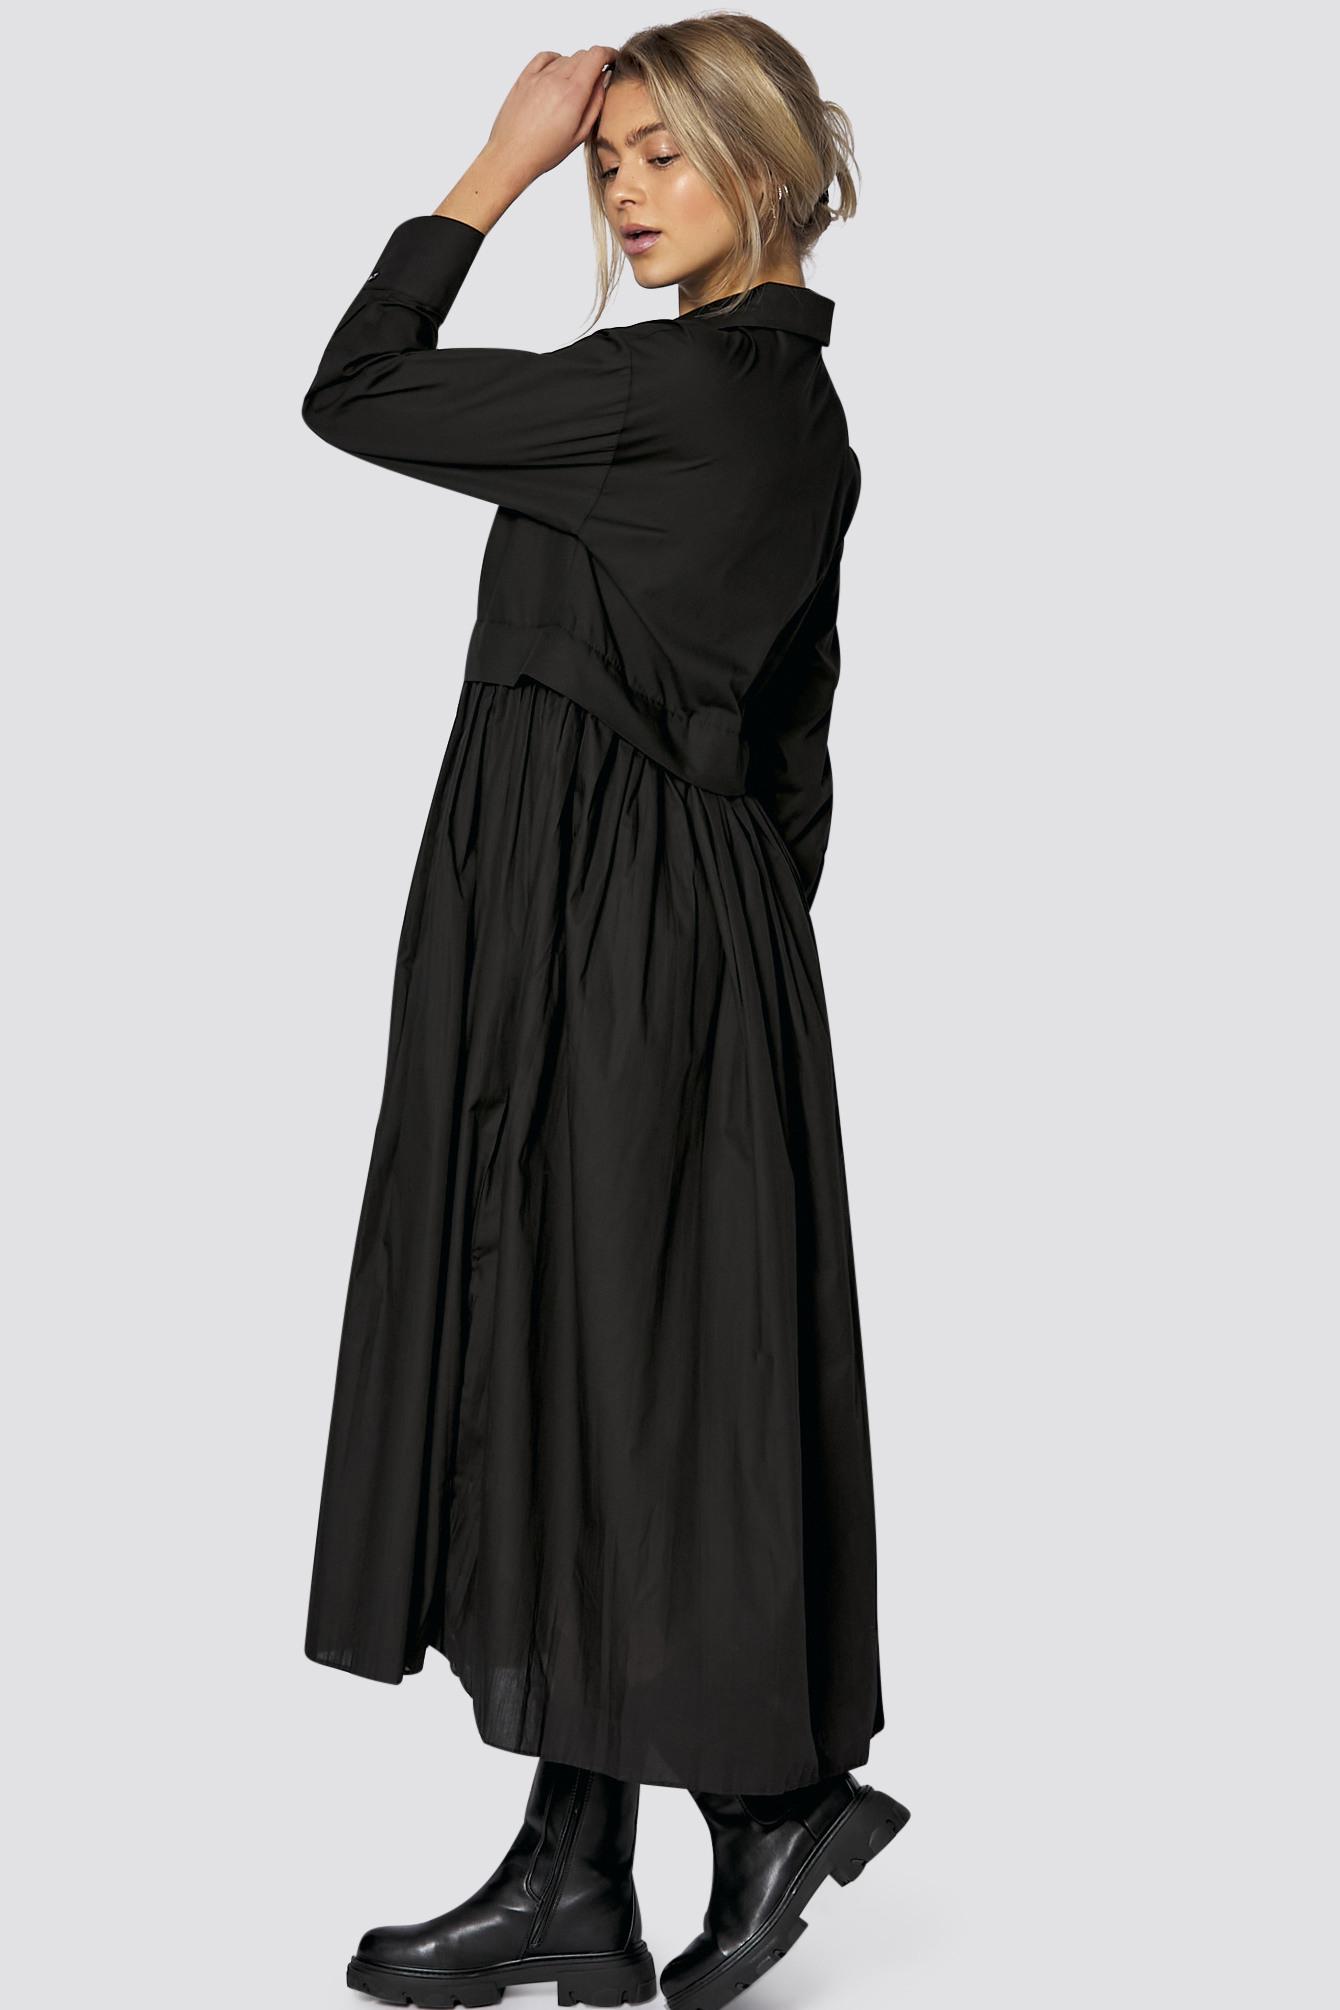 Langes Hemdkleid Mit Knopfleiste In Schwarz  Midikleider